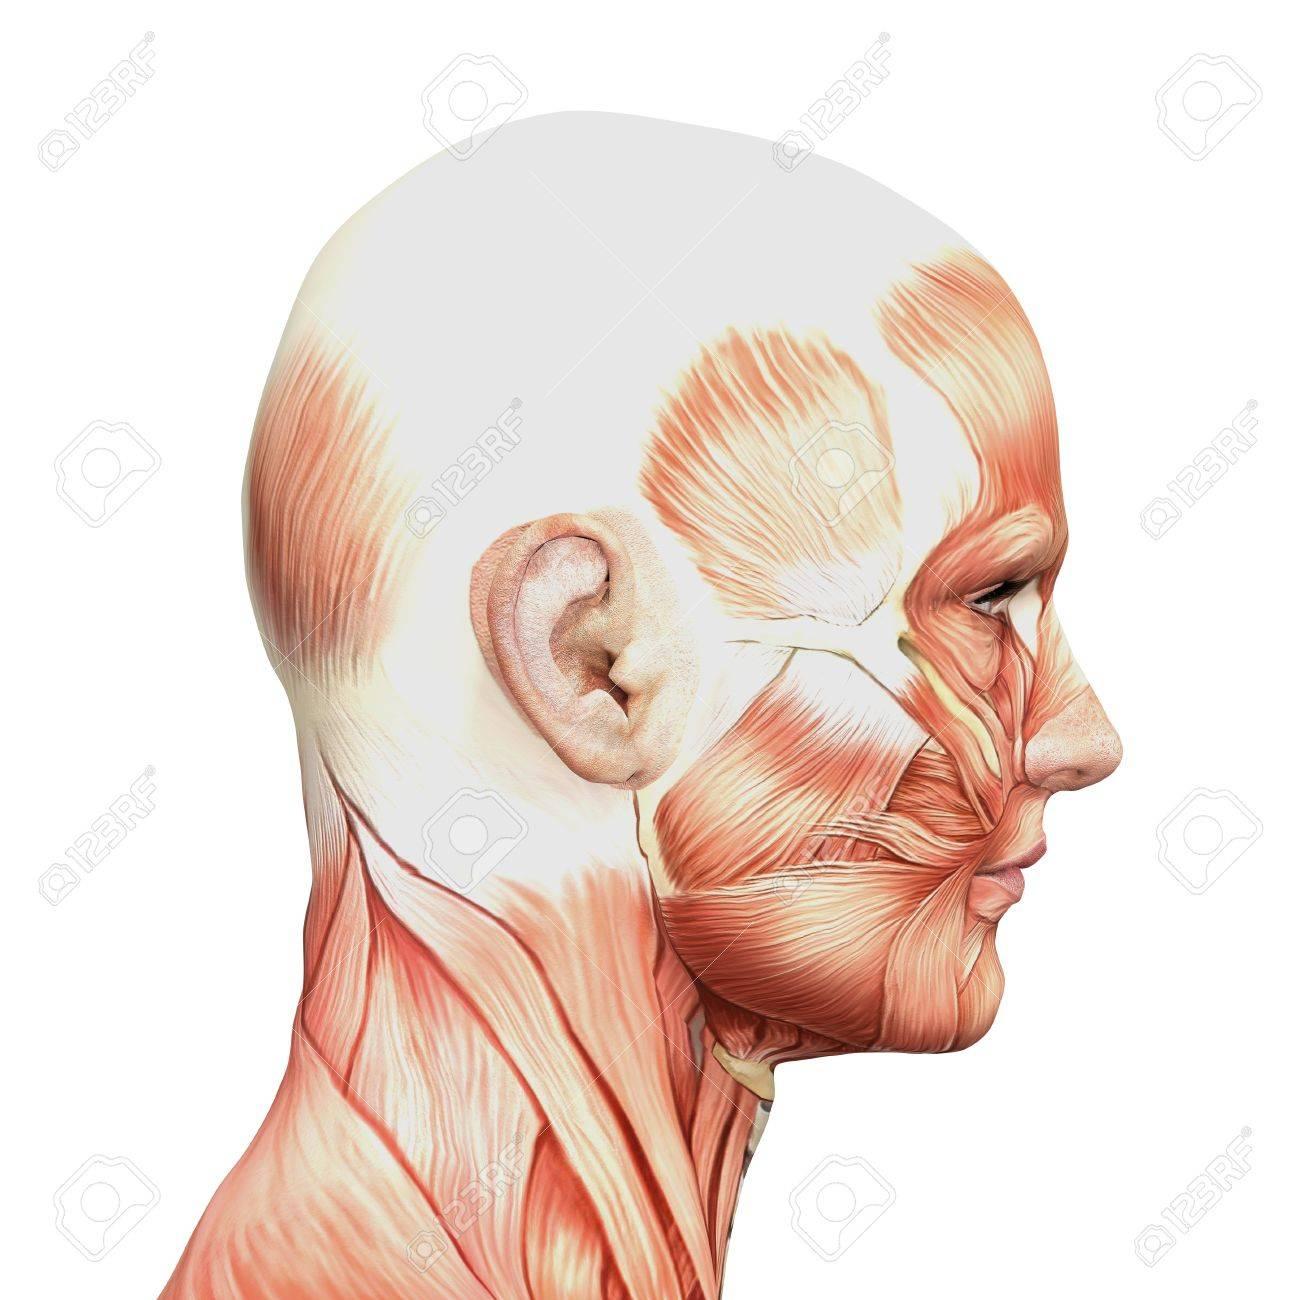 Männliche Anatomie Und Muskeln Lizenzfreie Fotos, Bilder Und Stock ...